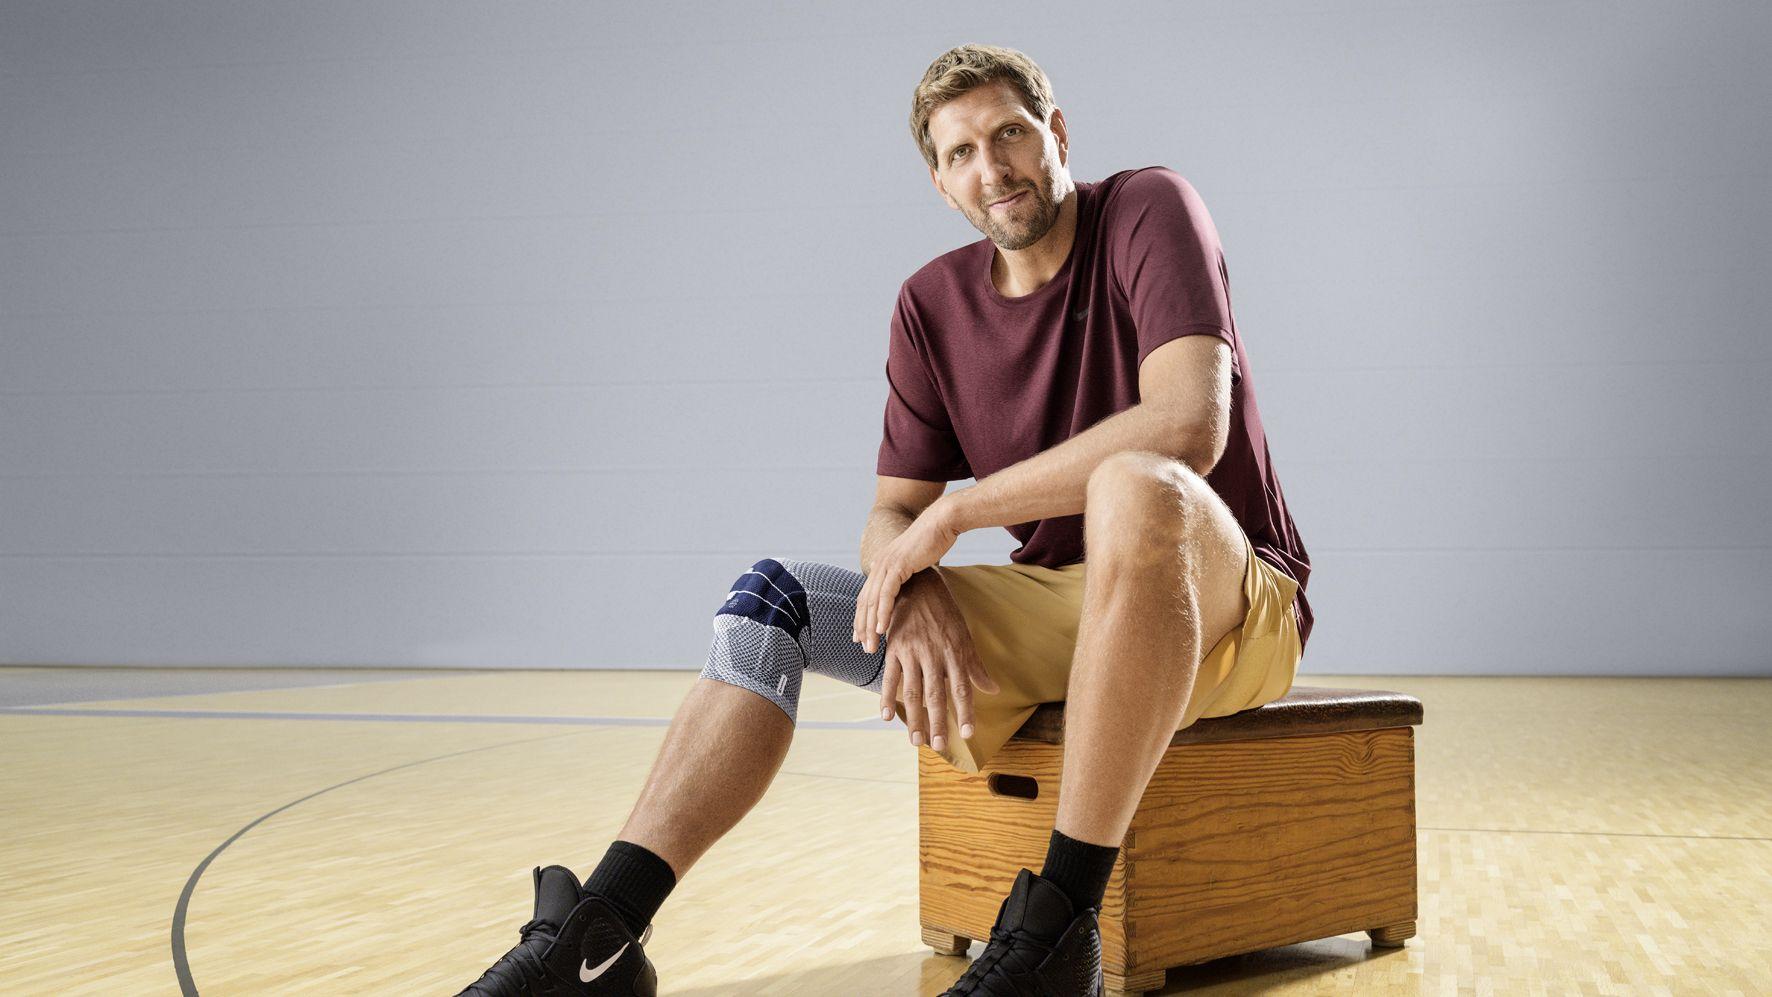 Basketball-Superstar: Dirk Nowitzki bleibt Bauerfeind treu